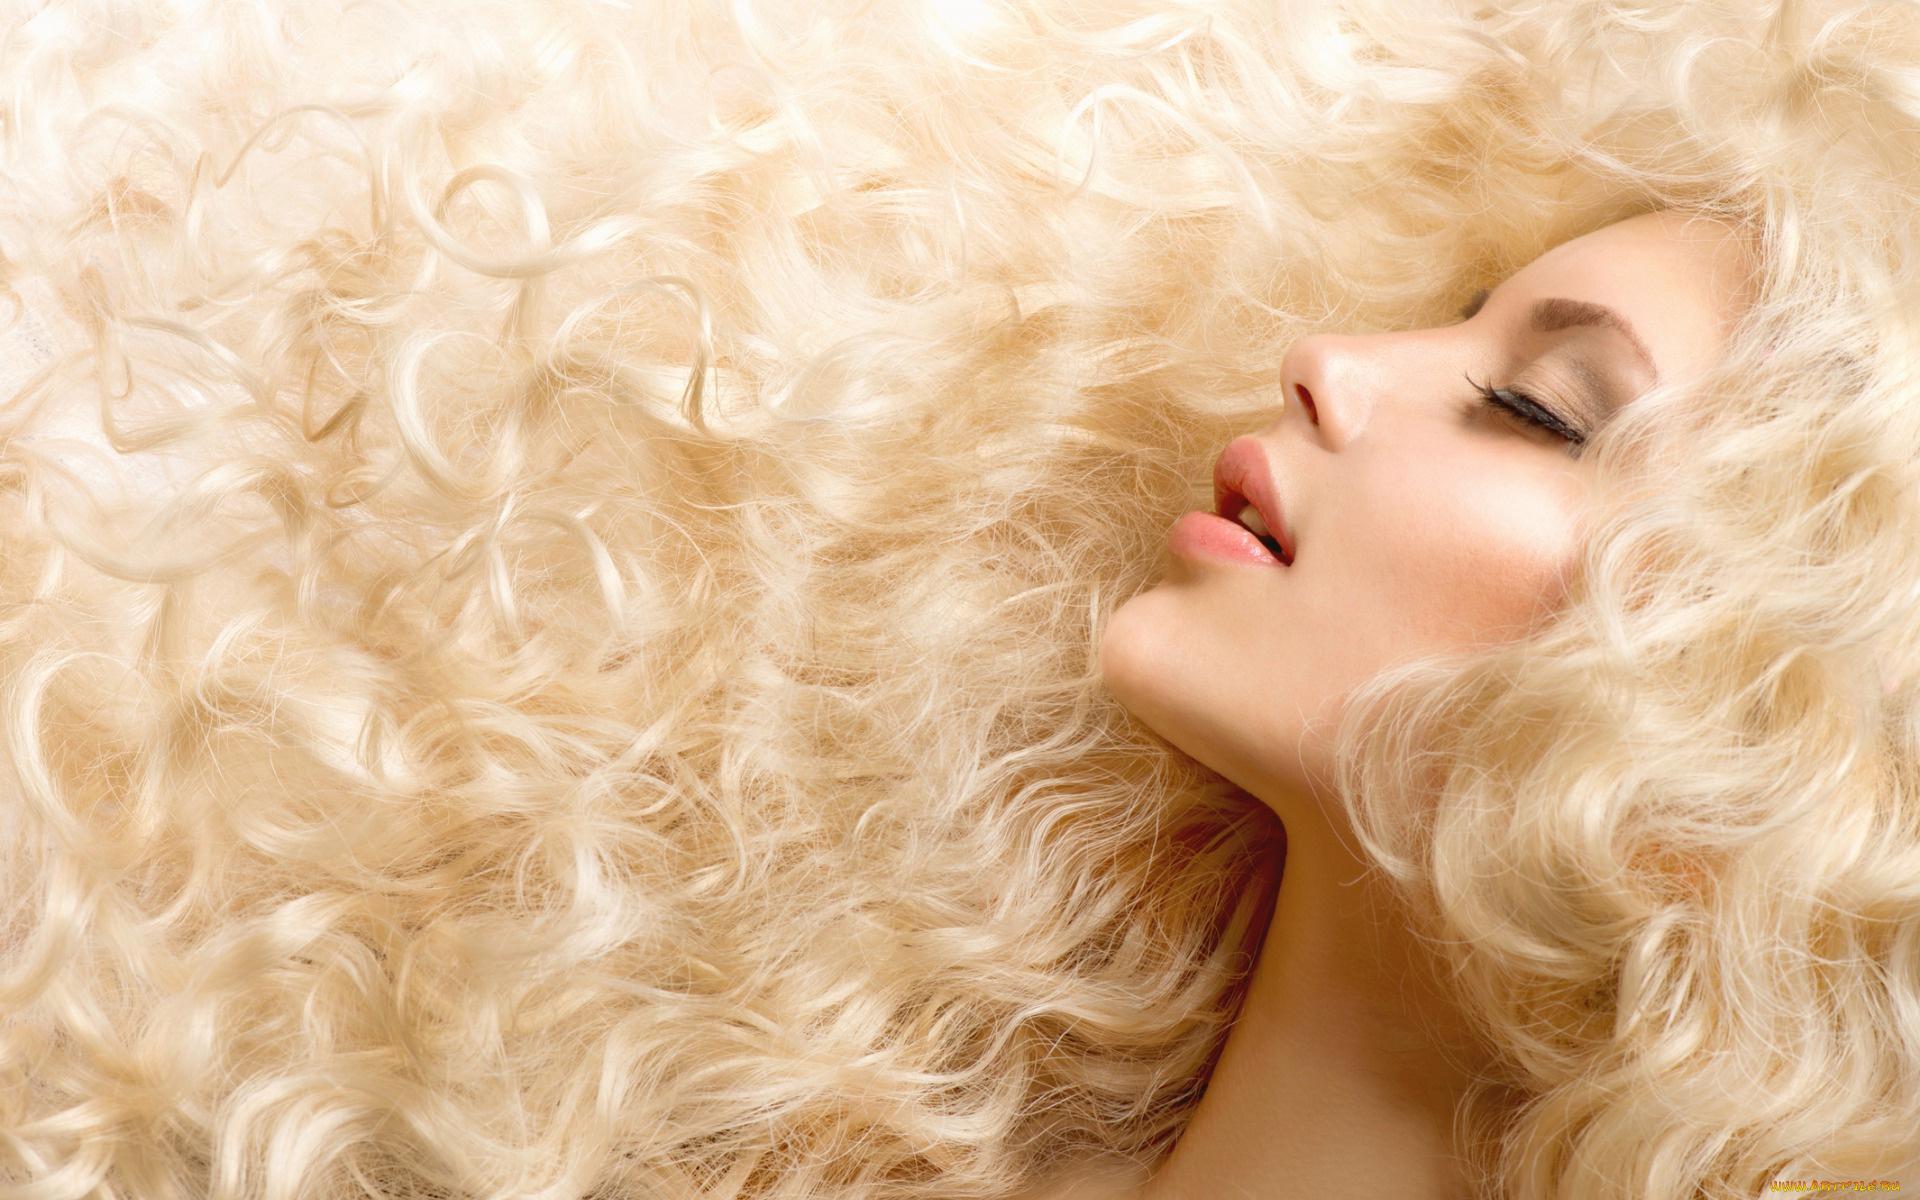 Фото кудрявая блондинка, Голая кудрявая блондинка В чулках 9 фотография